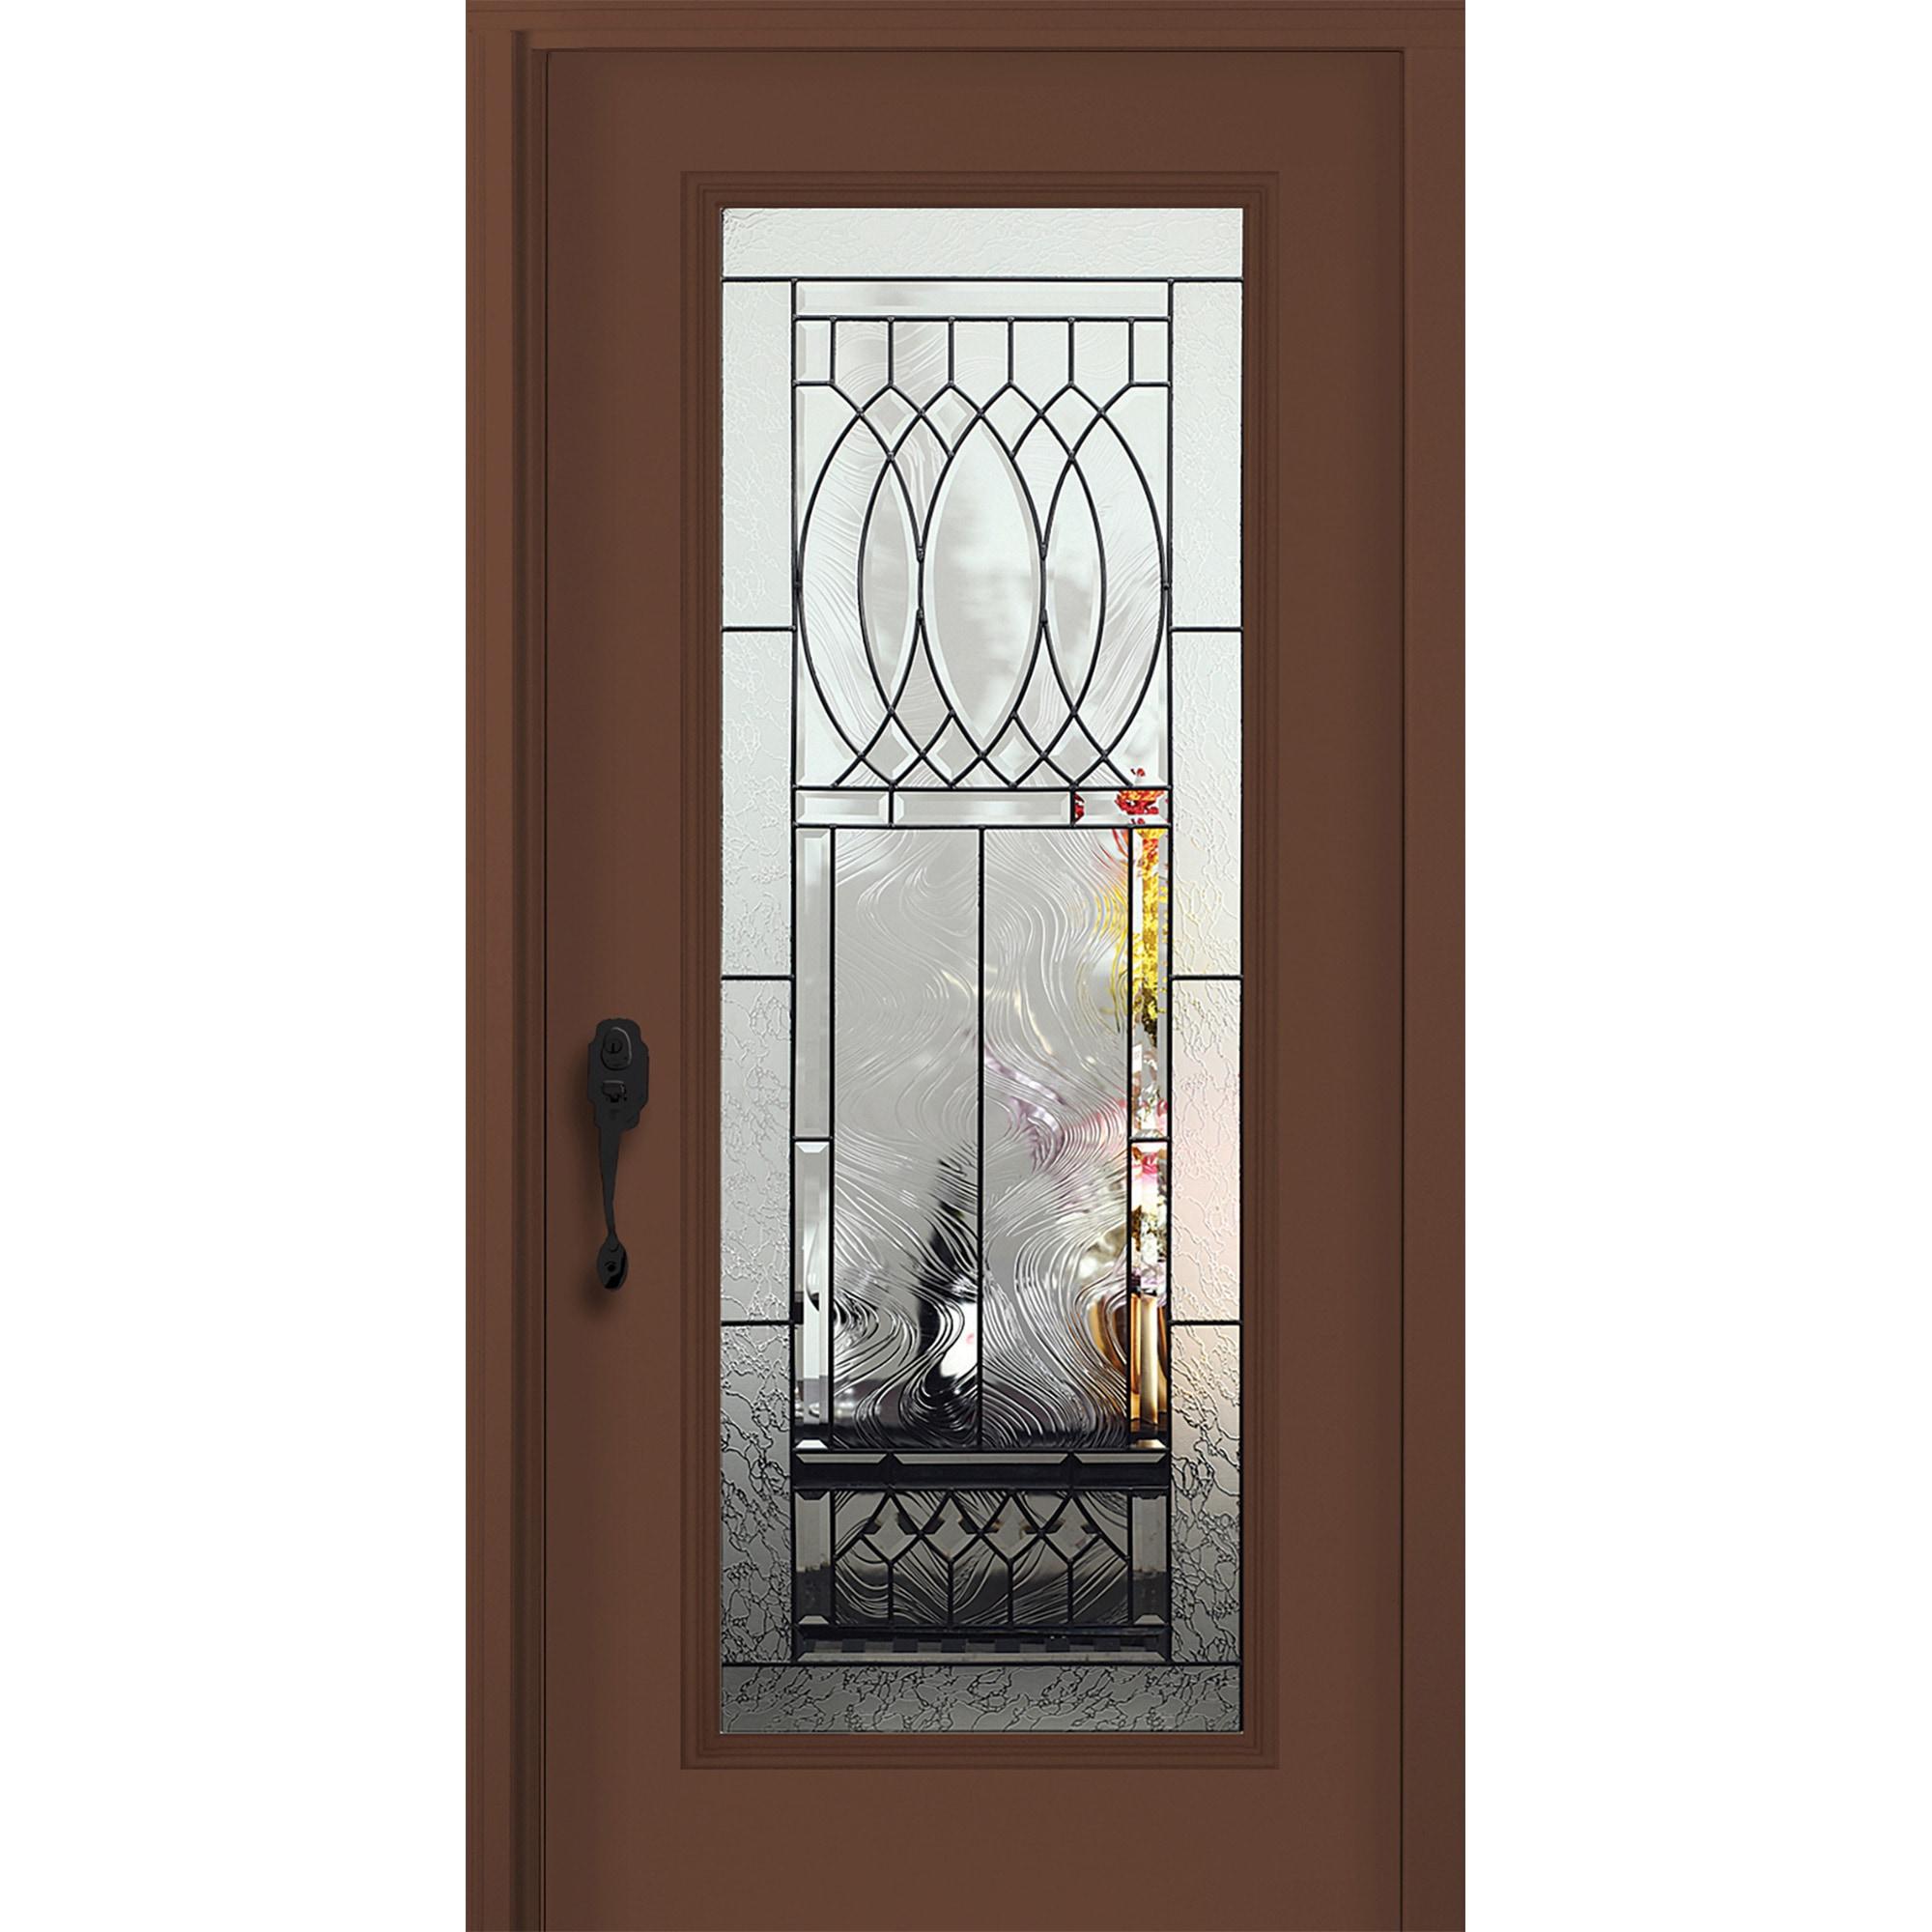 2000 #5E3F32 New Concept Exterior Doors Pre Hung Steel Infinity Doors Bahama  pic Pre Hung Exterior Doors 44512000